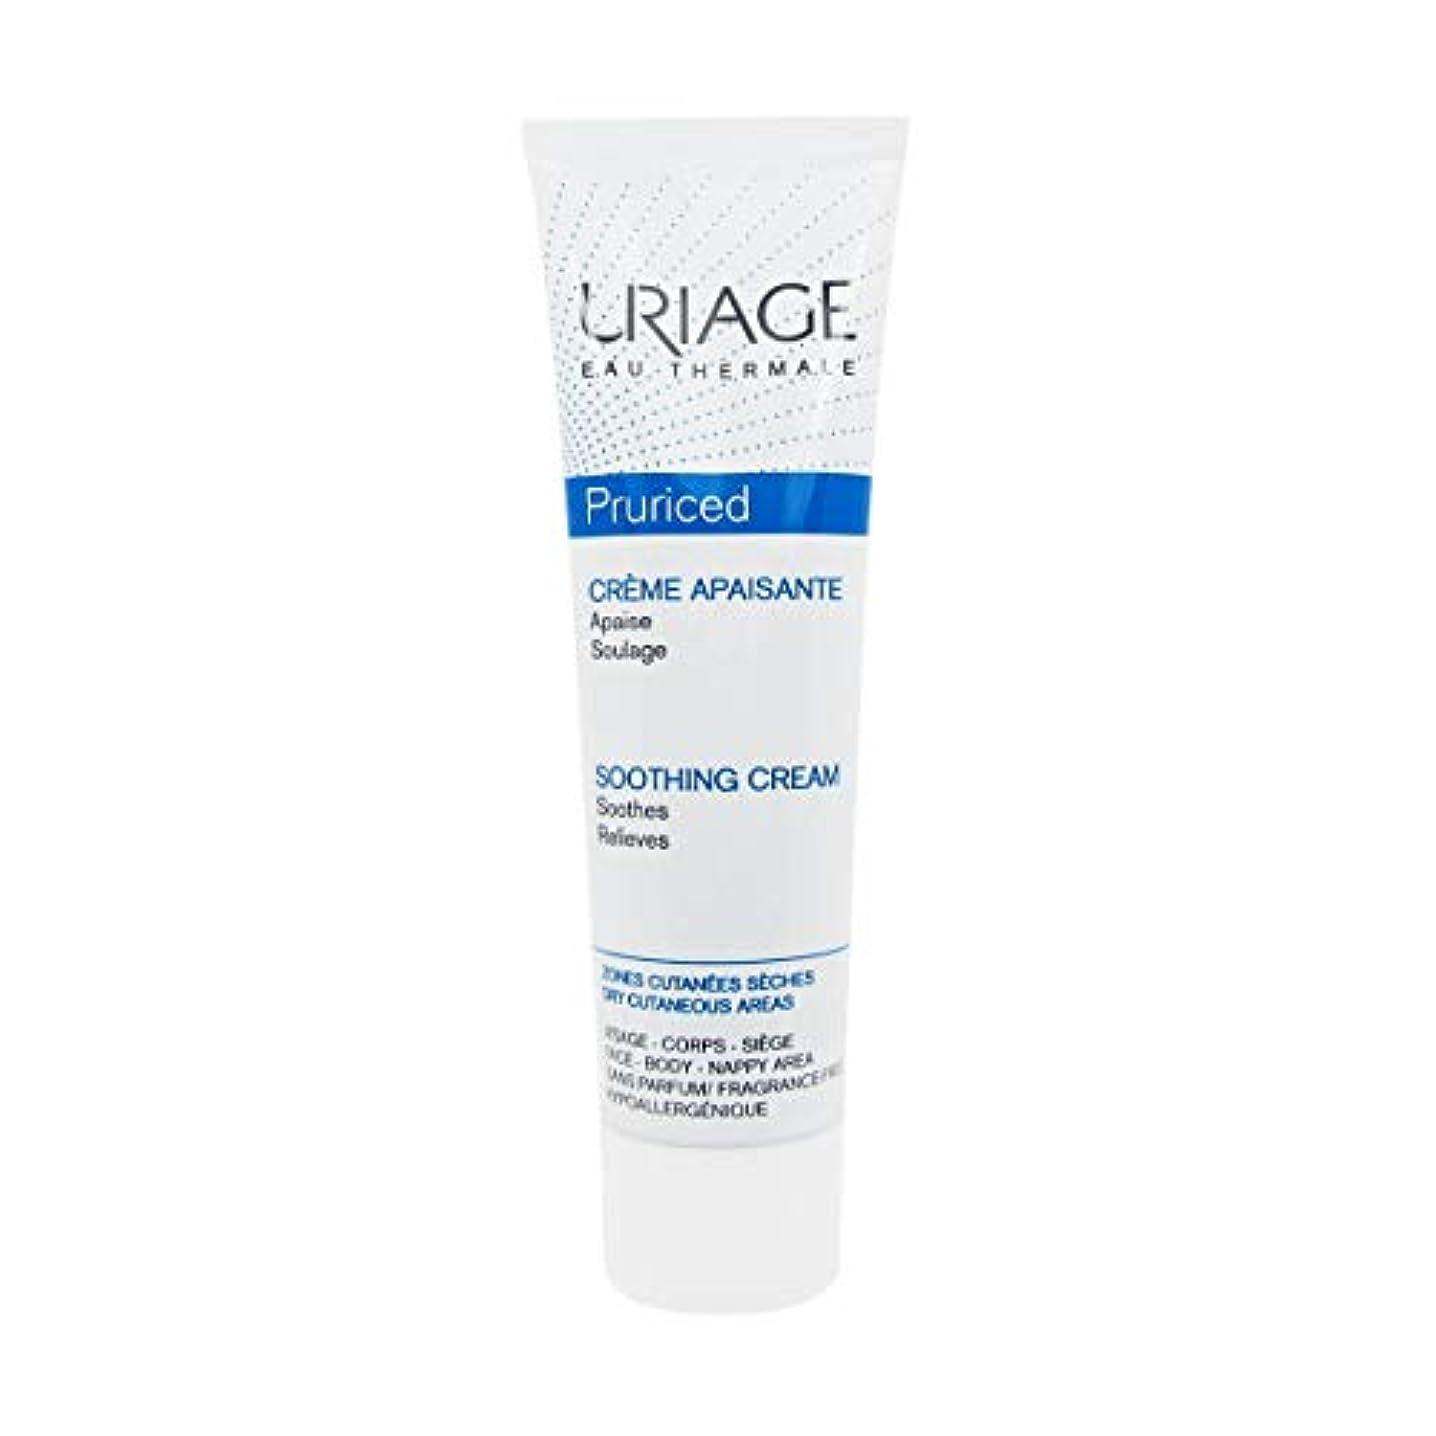 検索エンジン最適化少ない腹痛Uriage Pruriced Cream 100ml [並行輸入品]